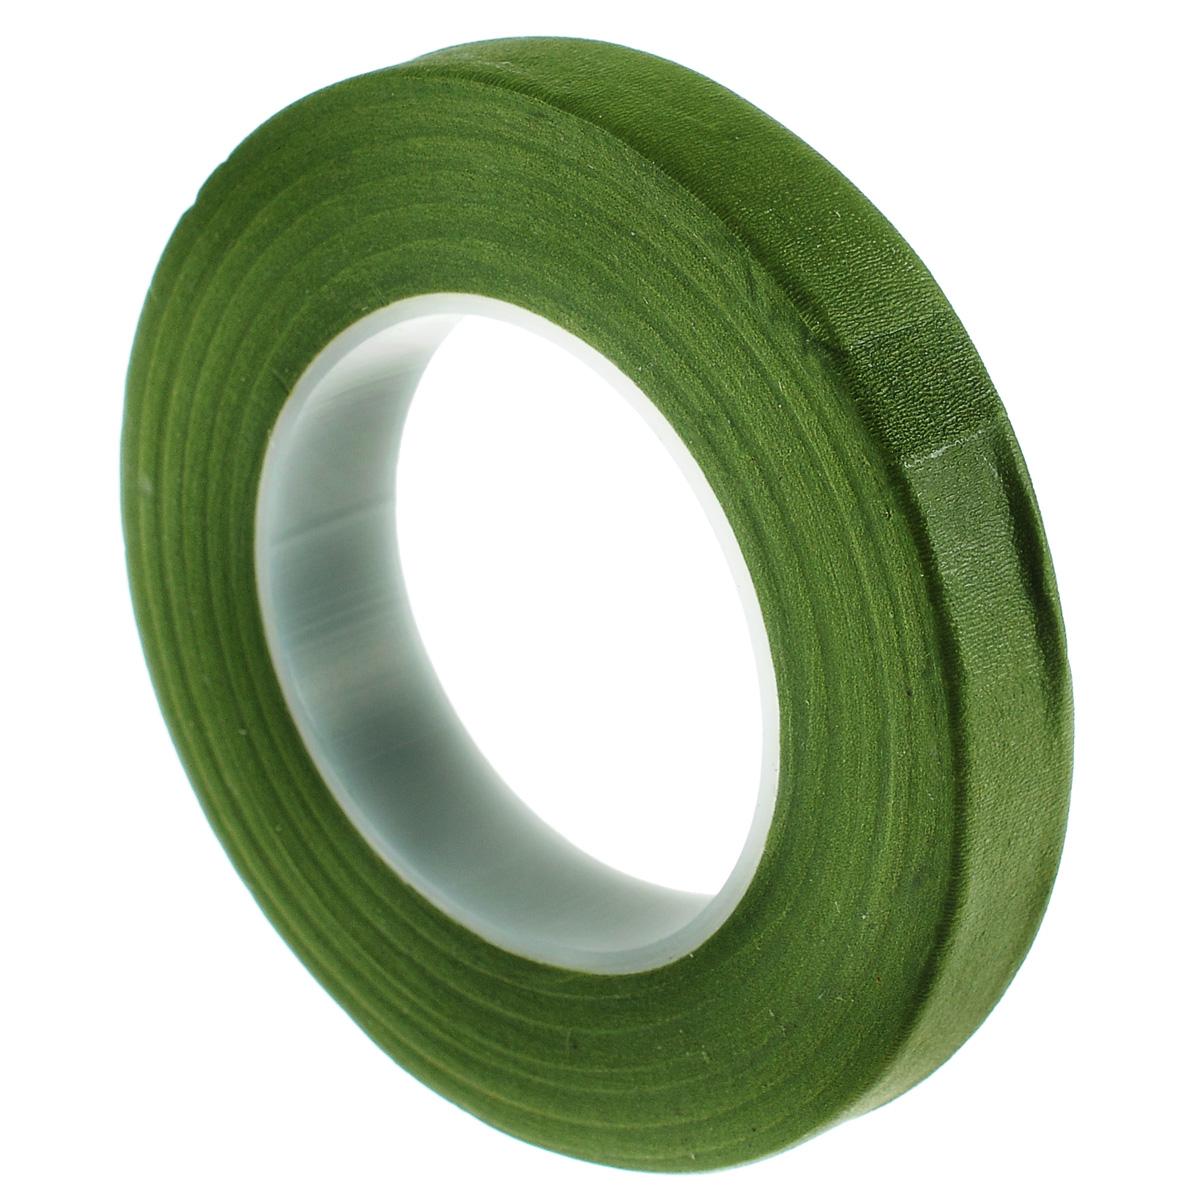 Лента флористическая Hobby Time, цвет: оливковый, ширина 12,7 мм, длина 28 м7705243Флористическая лента Hobby Time - это тонкая эластичная лента в катушке слегким клеящим эффектом. Она липкая, тонкая, легкая, водонепроницаемая, хорошо растягивается. Лента бывает широкой и узкой. Широкая лента в основном используется для крепления к сосуду флористической губки, узкой лентой также иногда перекрещивается отверстие широкогорлового сосуда для закрепления растений. Флористическая лента может использоваться в квиллинге при изготовлении цветов на проволоке, конфетных деревьев, украшений из бисера, различного декора. В основном лента применяется для декорирования проволоки в букетах в соответствии с цветом букета. При намотке флористическую ленту необходимо немного натягивать, чтобы она лучше прилипала к стеблю цветка.Особенности флористической ленты: - Легко разглаживается и плотно прилегает к поверхности,- Принимает любую форму,- Позволяет продлить свежесть цветка, поэтому необходима при создании свадебных букетов и других аксессуаров из цветов,- Лентой можно загрунтовать гладкую поверхность перед закреплением на ней флористической композиции, чтобы фиксация последней была устойчивой. Ширина ленты: 12,7 мм.Длина ленты: 28 м.